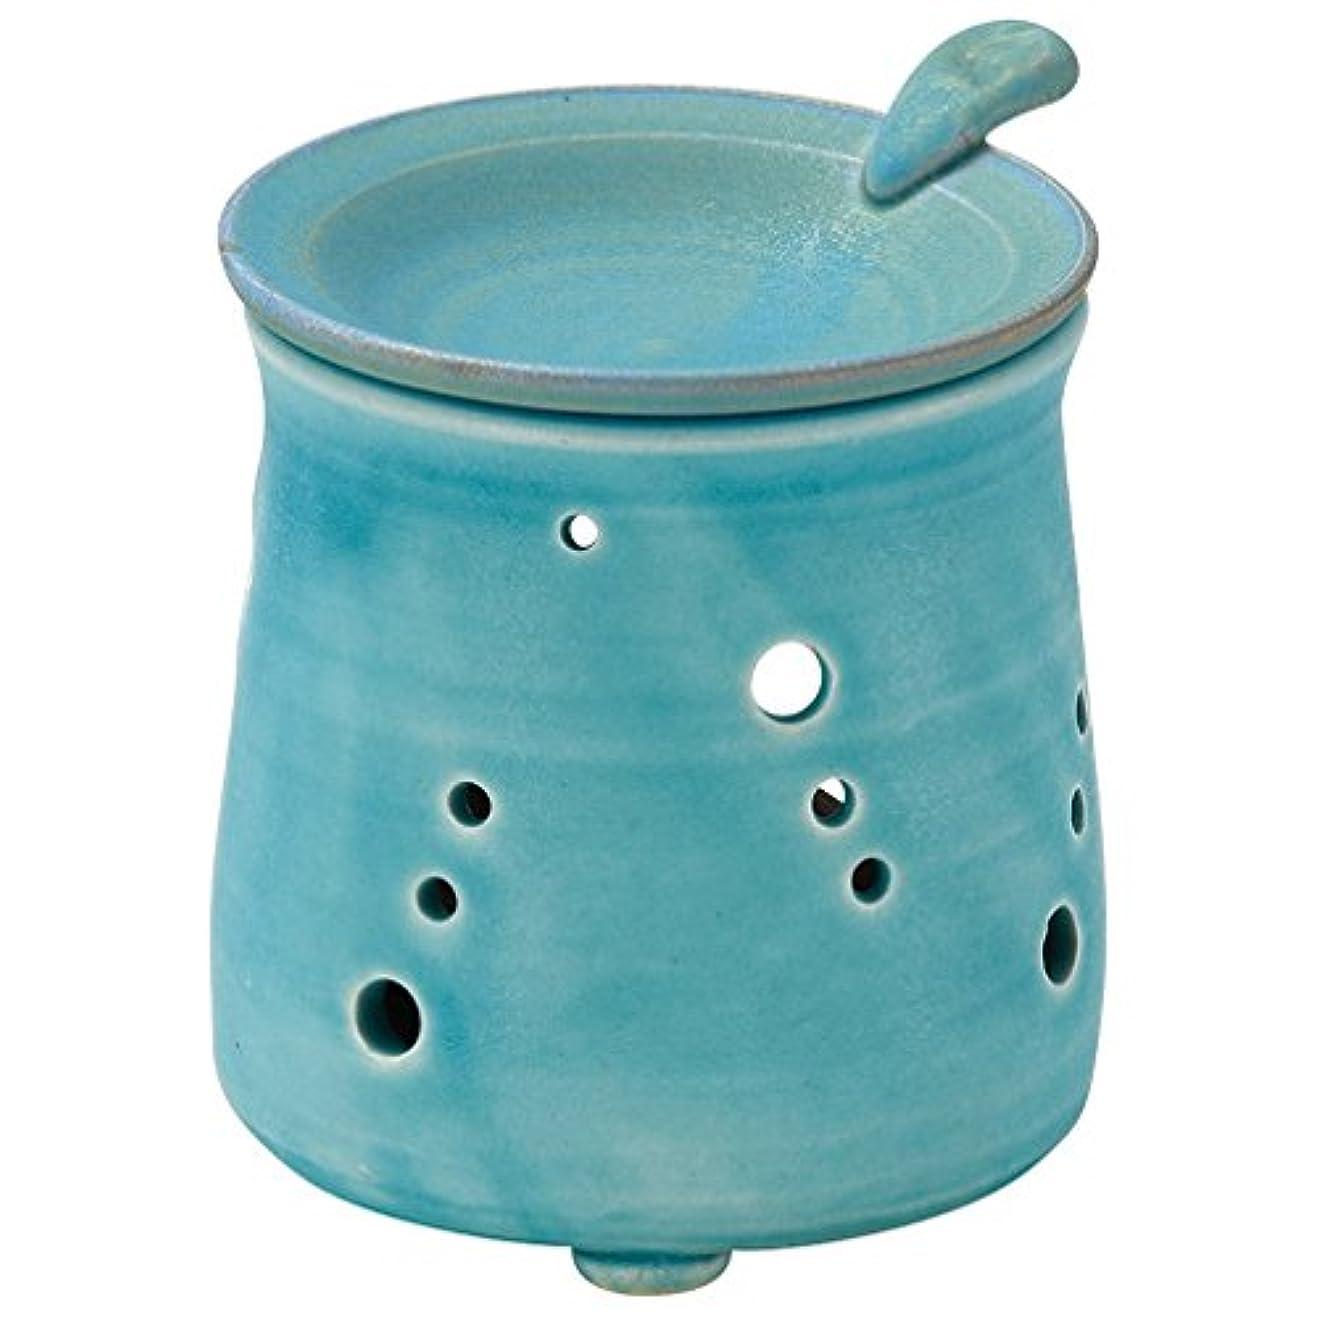 マーキー変形する続ける山下工芸 常滑焼 山田トルコブルー茶香炉 10×9.5×9.5cm 13045690